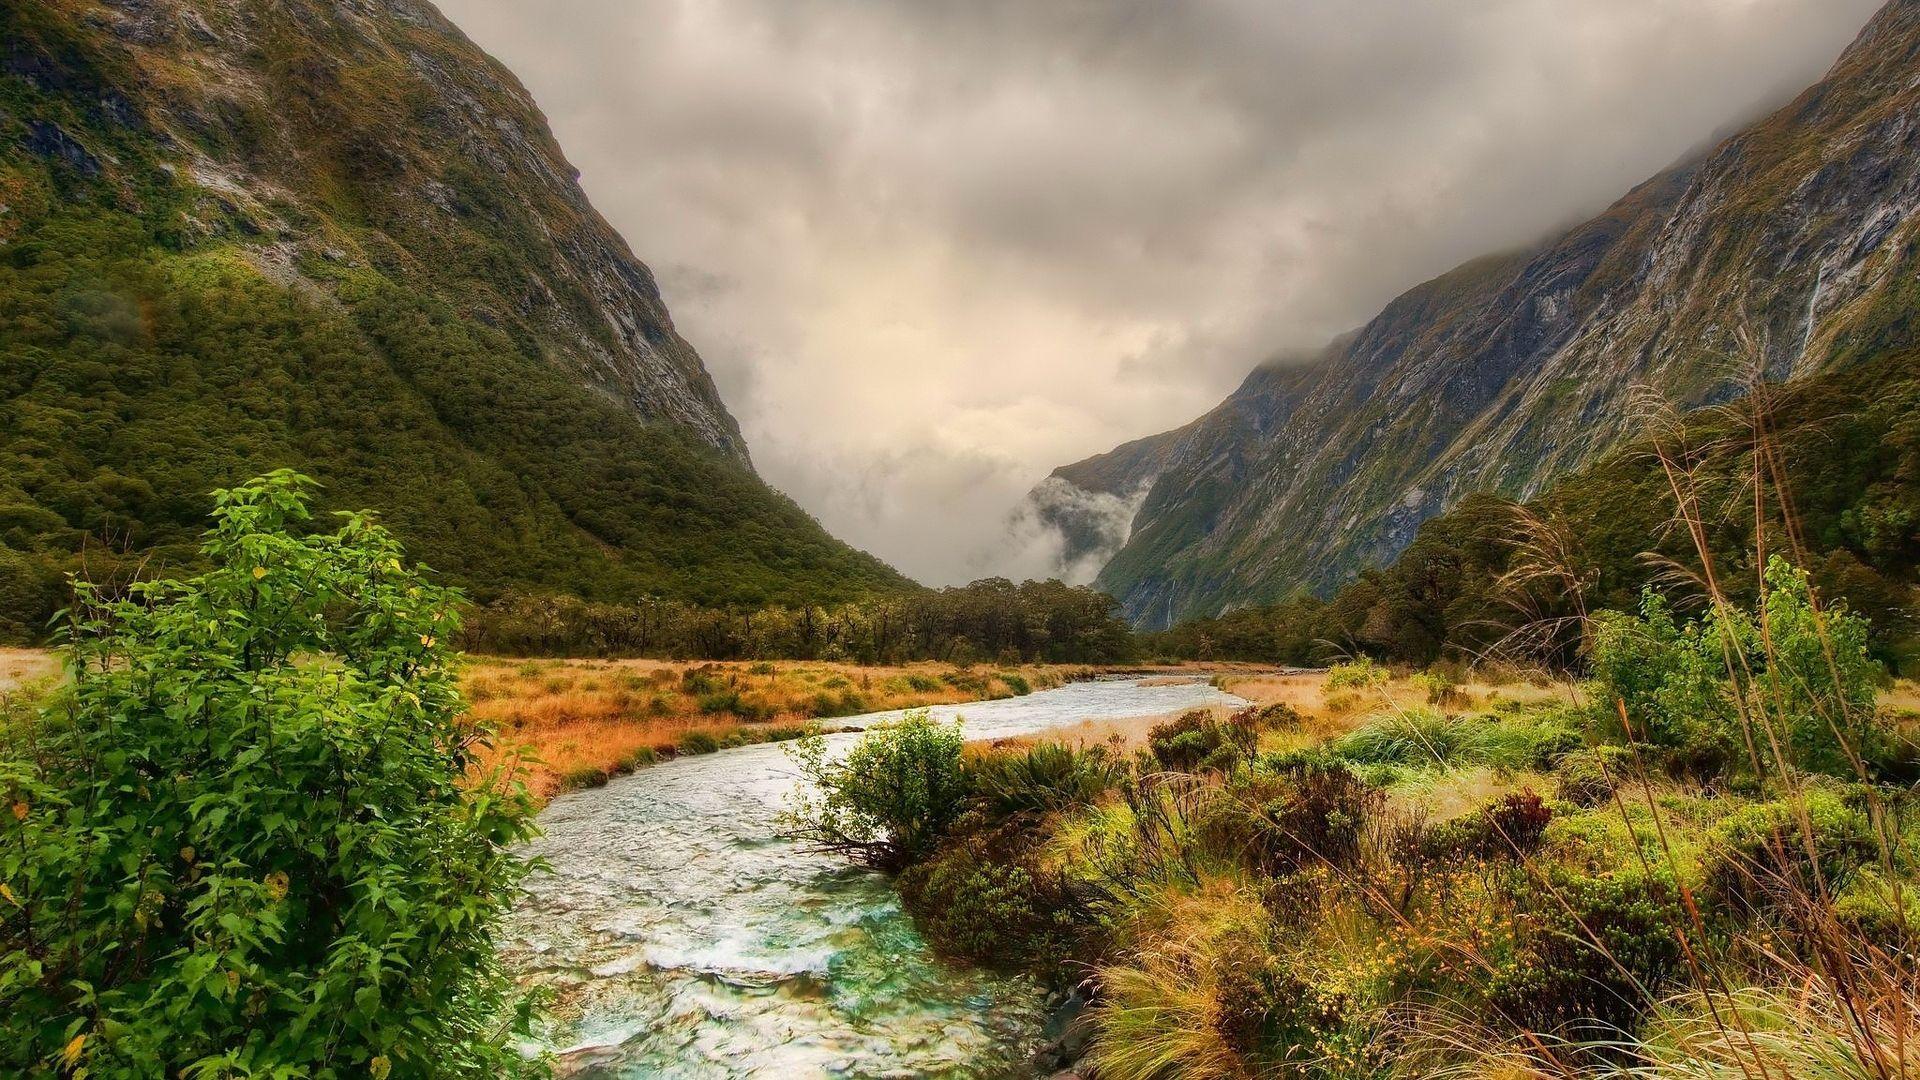 Landscape Mountain River